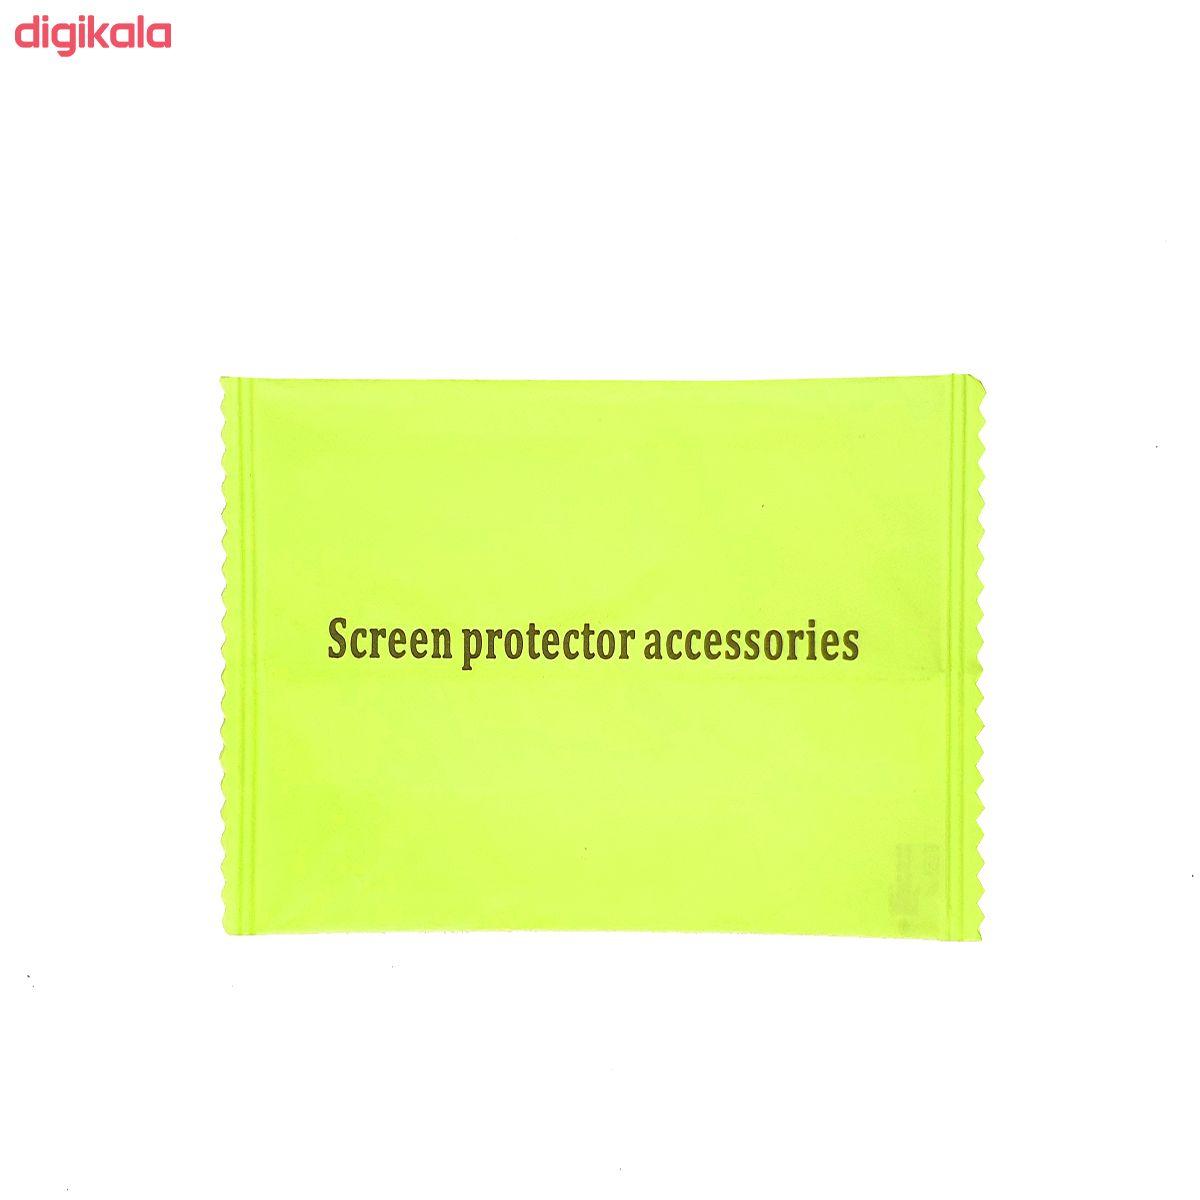 محافظ صفحه نمایش سرامیکی مدل FLCRG01pr مناسب برای گوشی موبایل اپل iPhone XR main 1 3